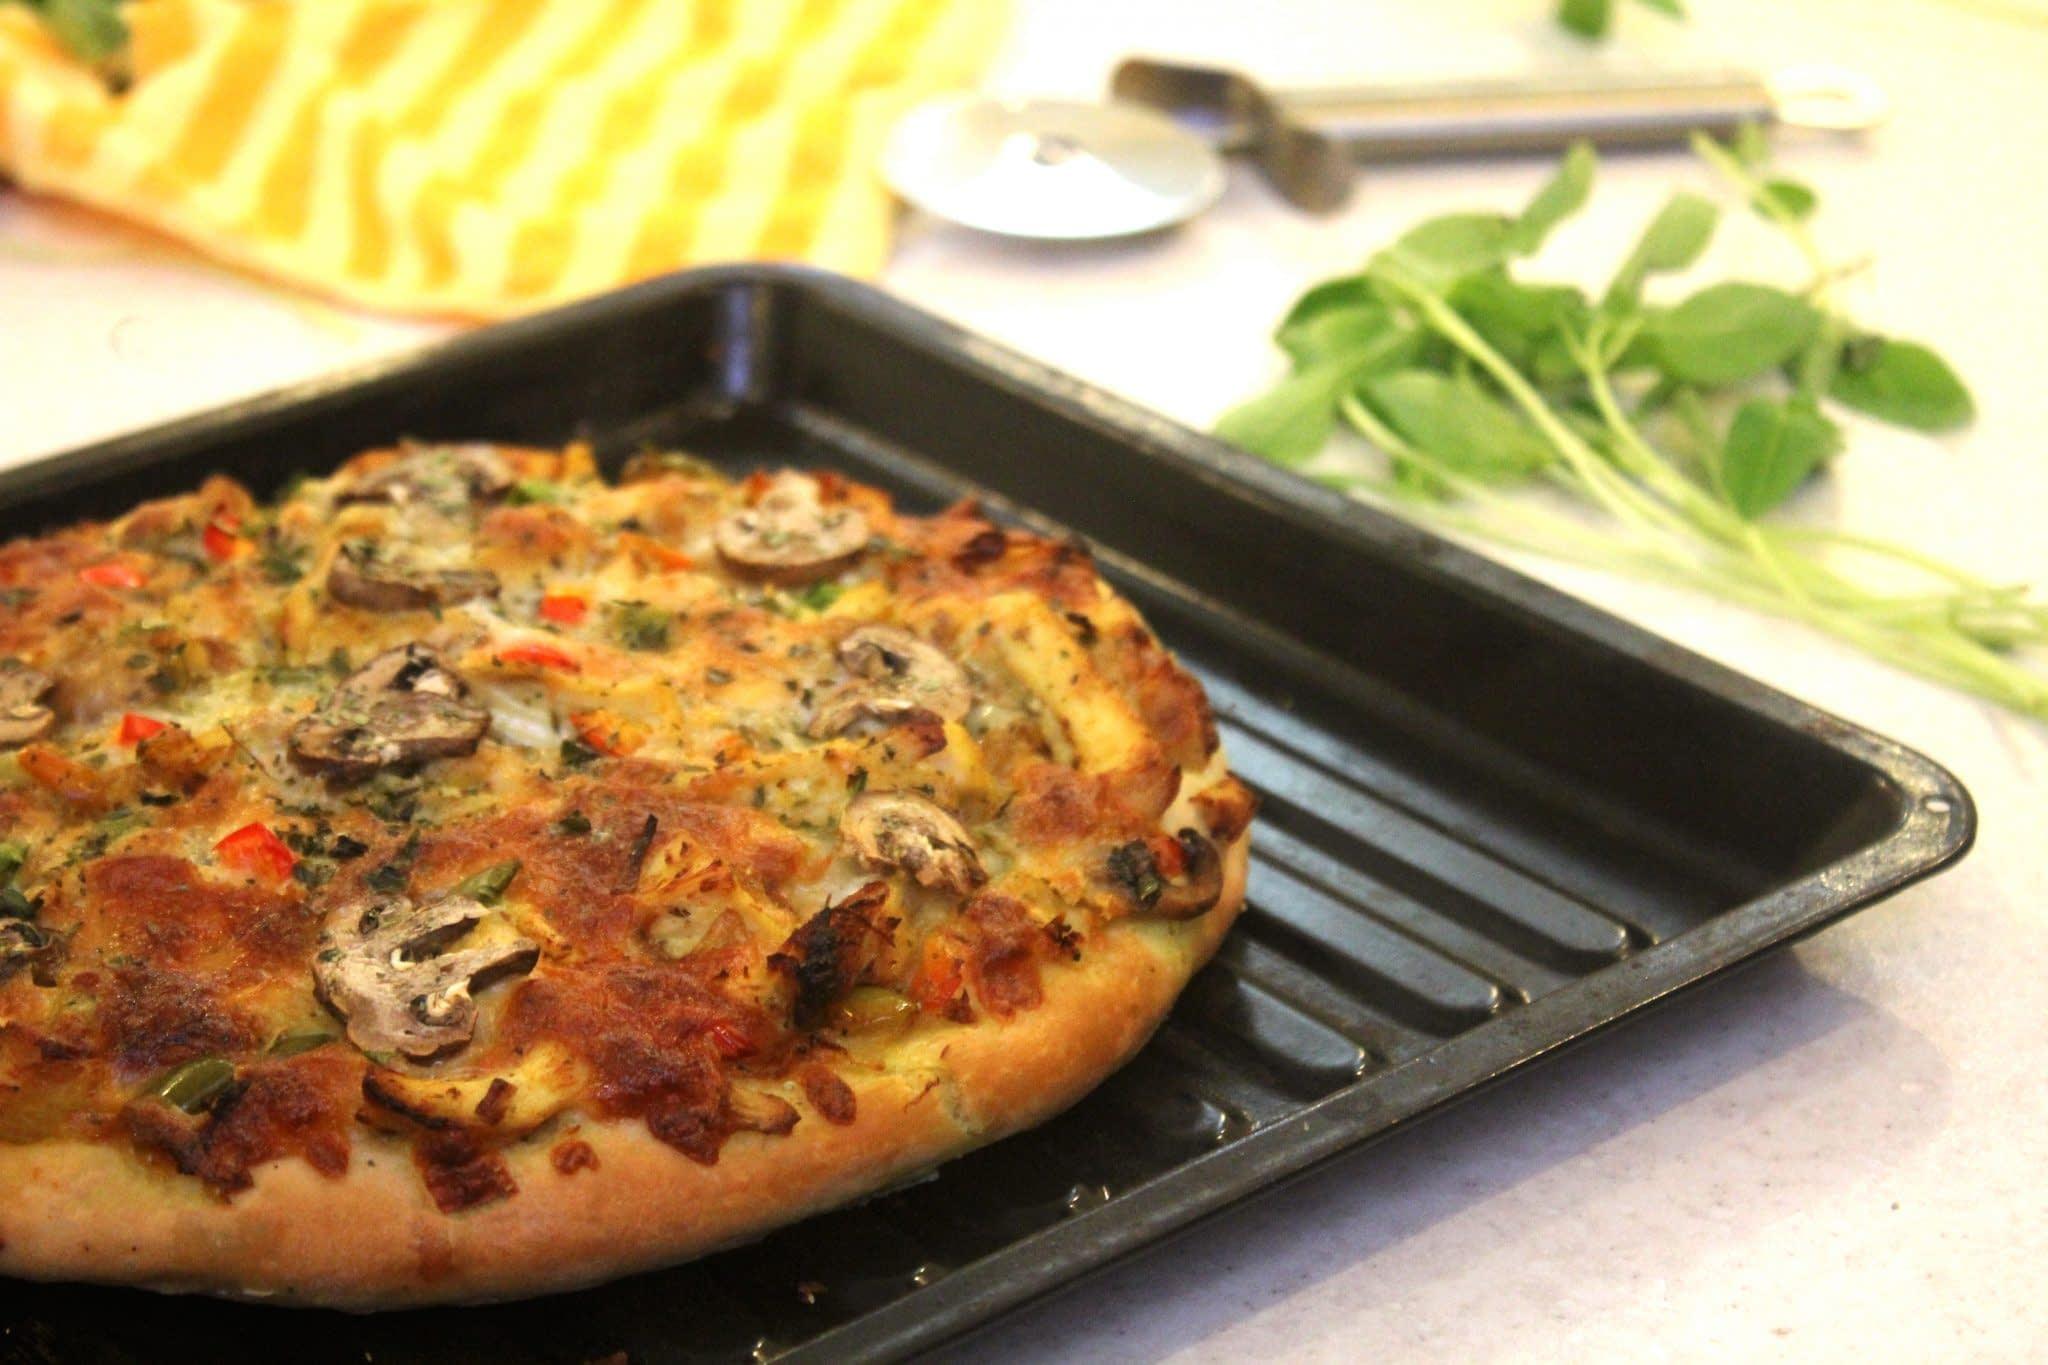 طرز تهیه پیتزا خانگی در توستر